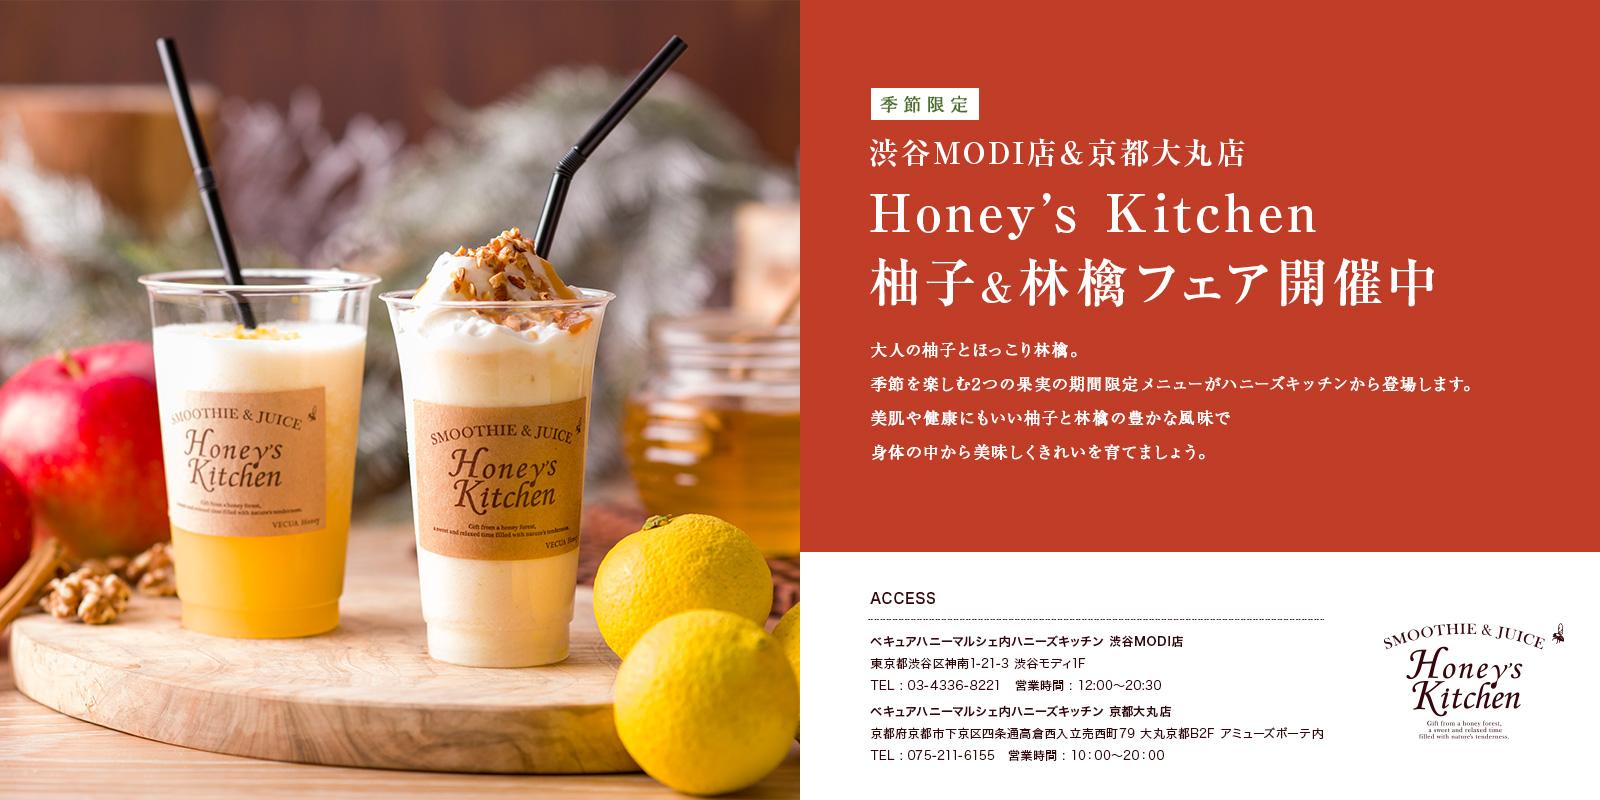 季節限定 渋谷MODI店&京都大丸店 Honey's Kitchen 柚子&林檎フェア開催中